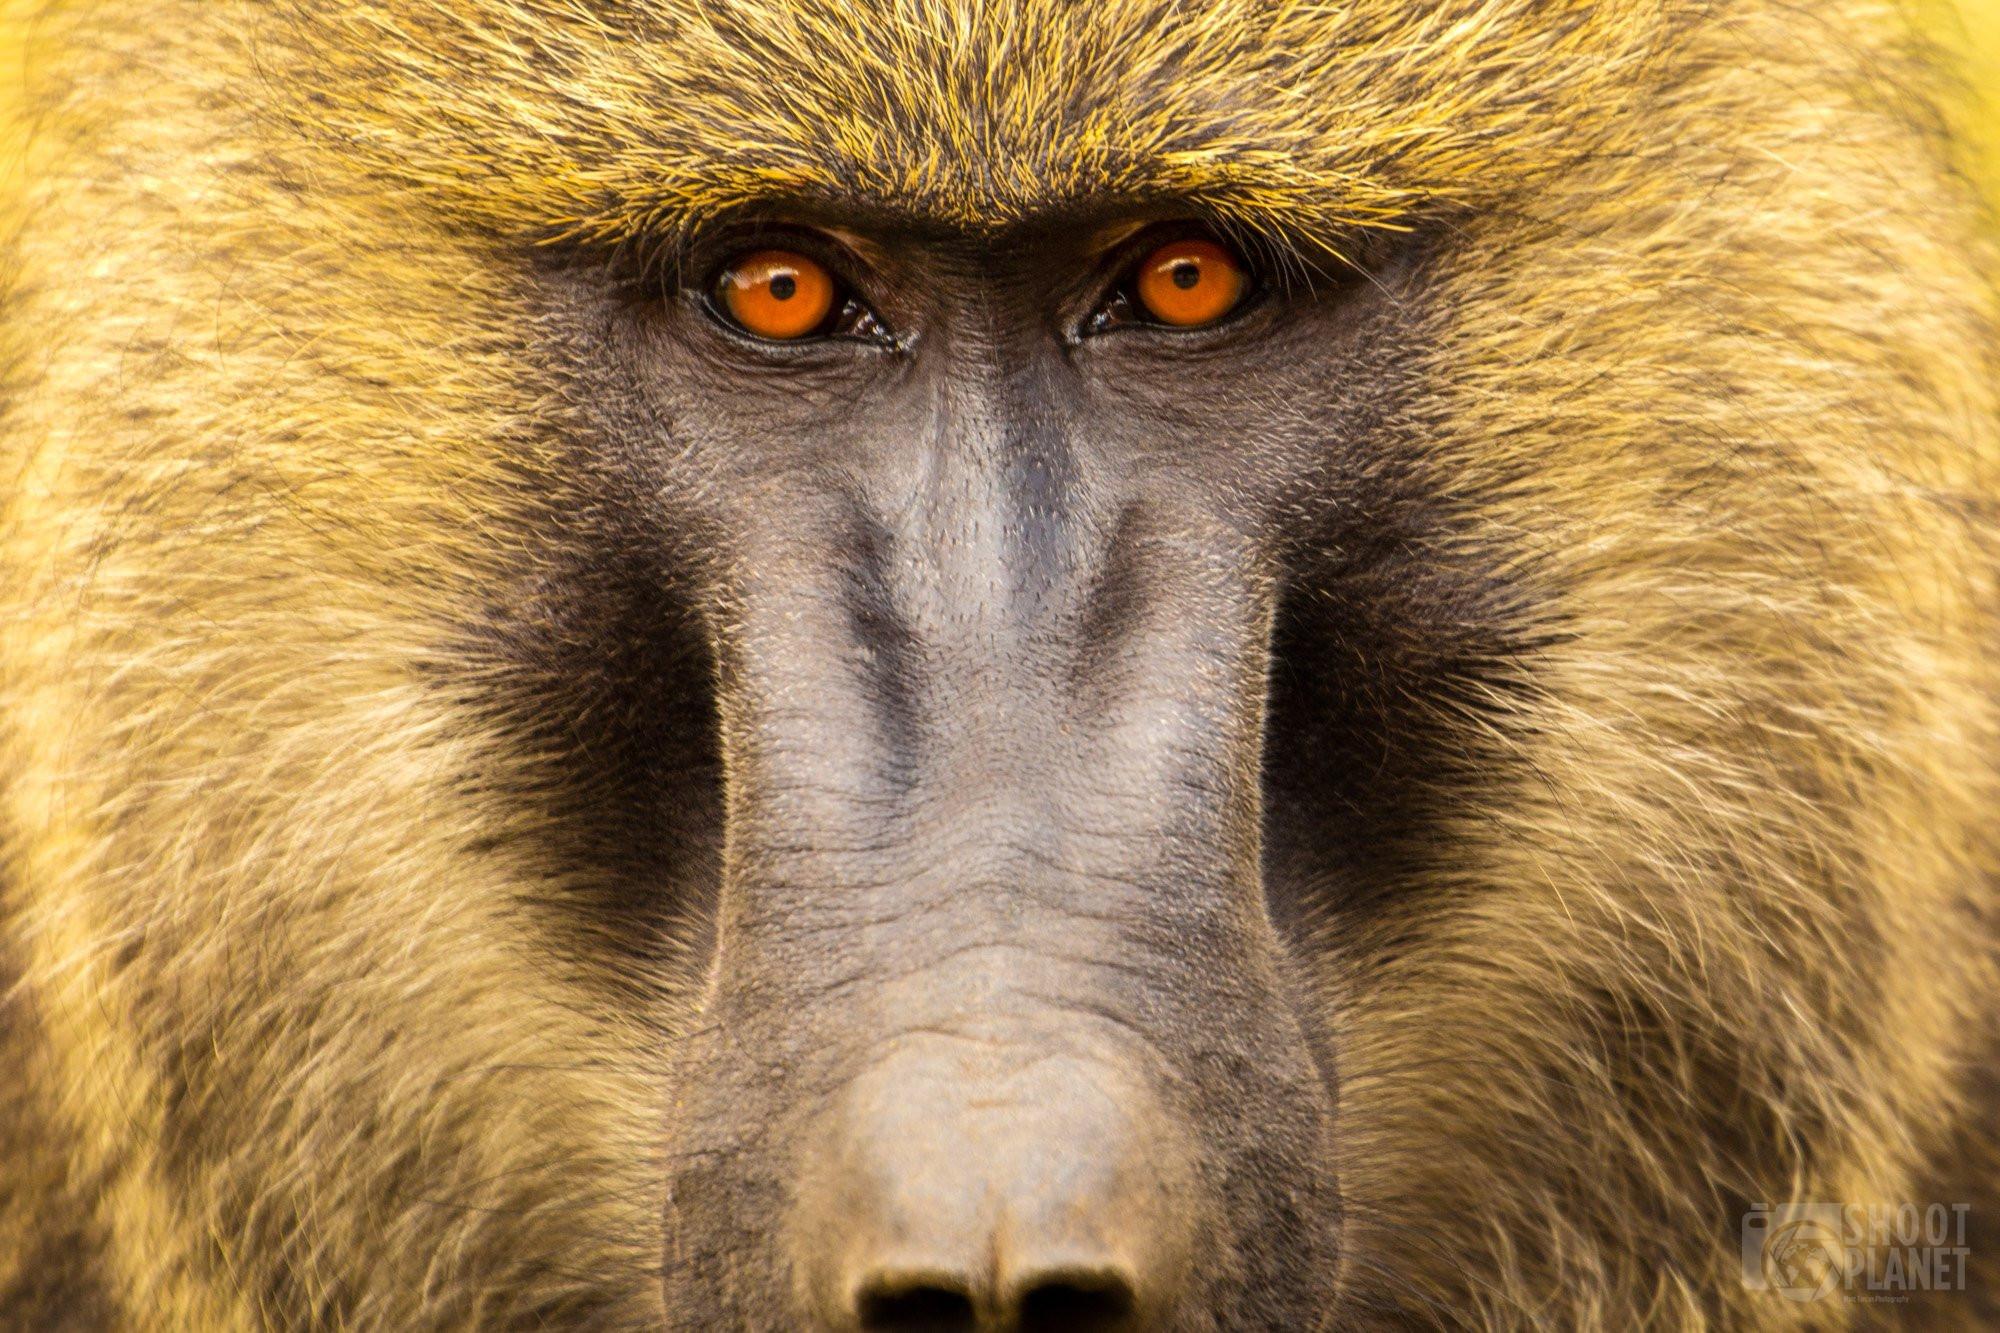 Staring olive baboon eyes close-up, Serengeti Tanzania